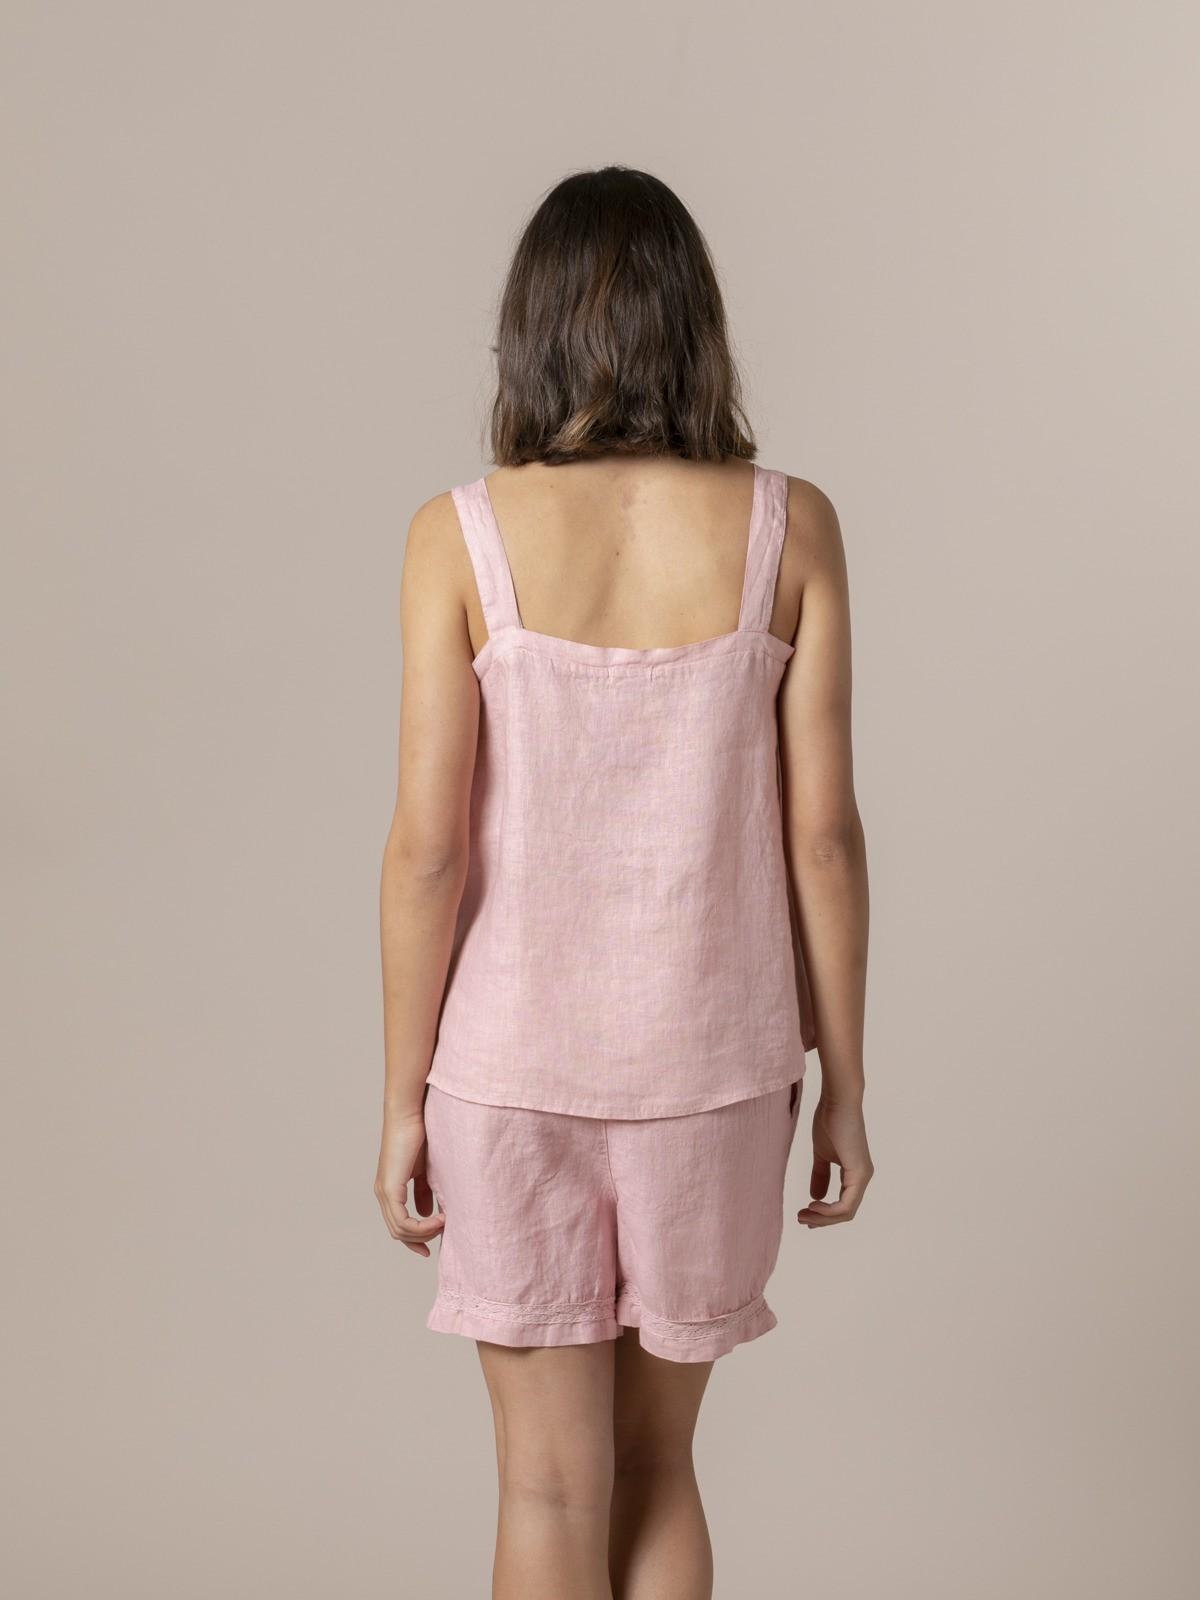 Top de lino mujer detalle espalda Rosa